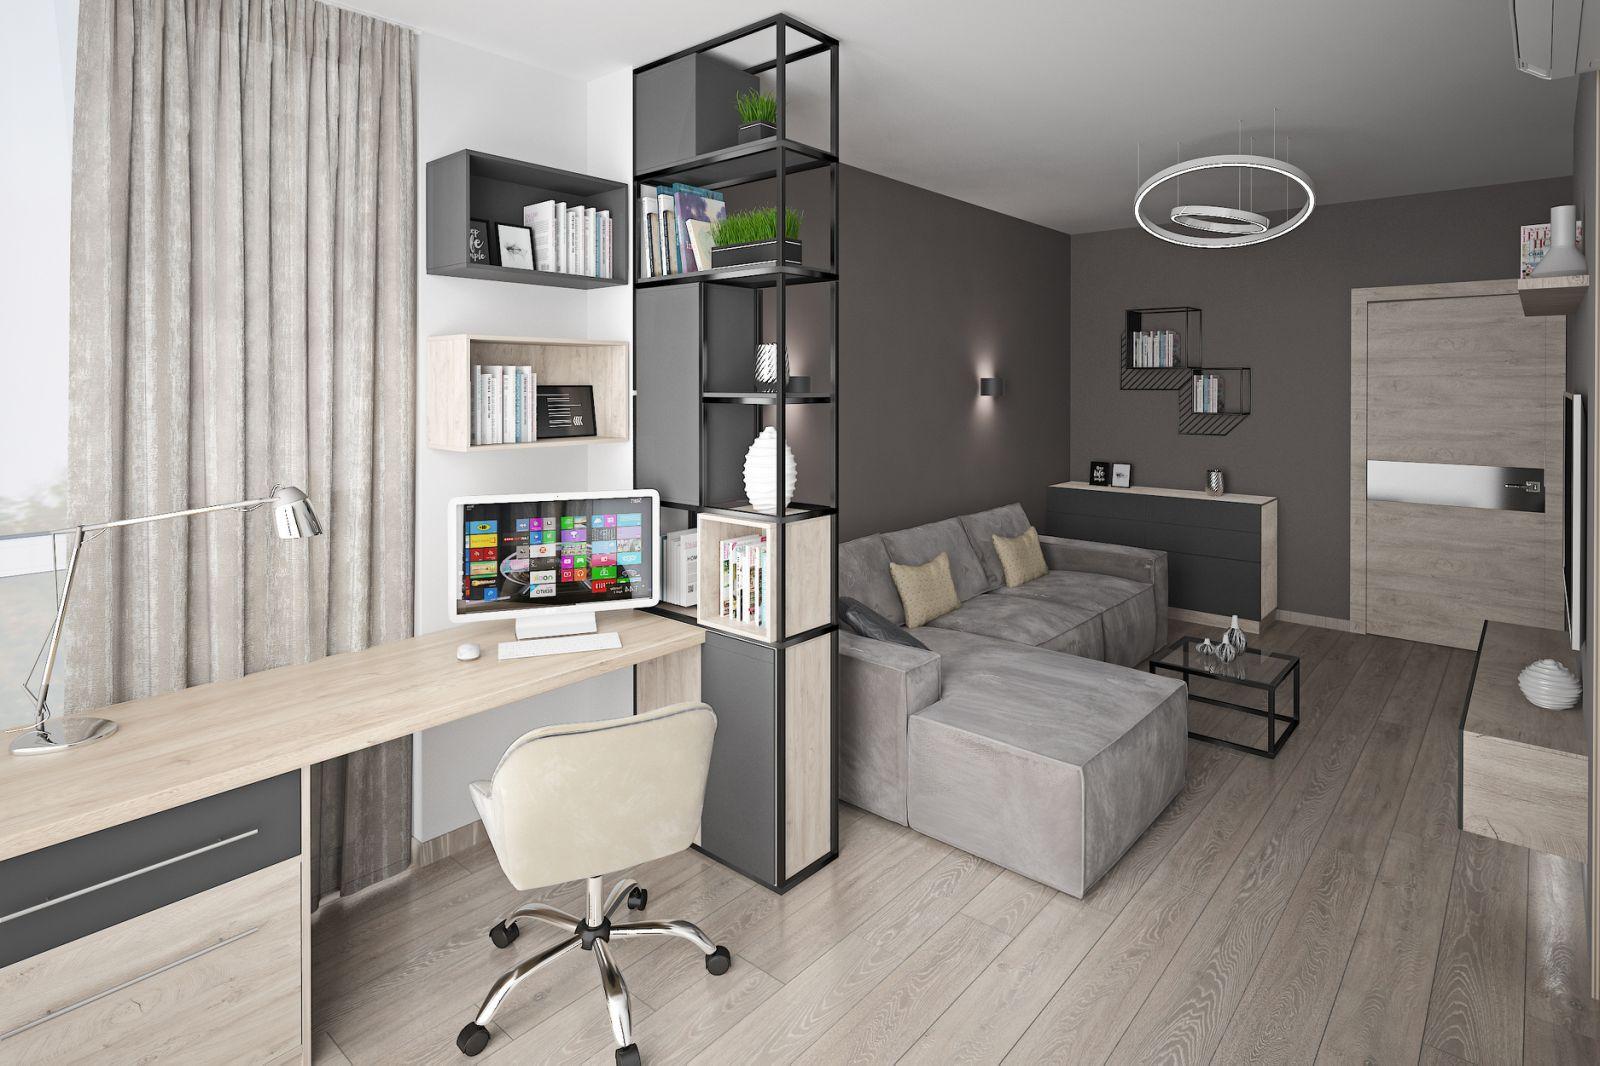 Фото Дизайн гостинной. Разделение на рабочее место и гостинную.